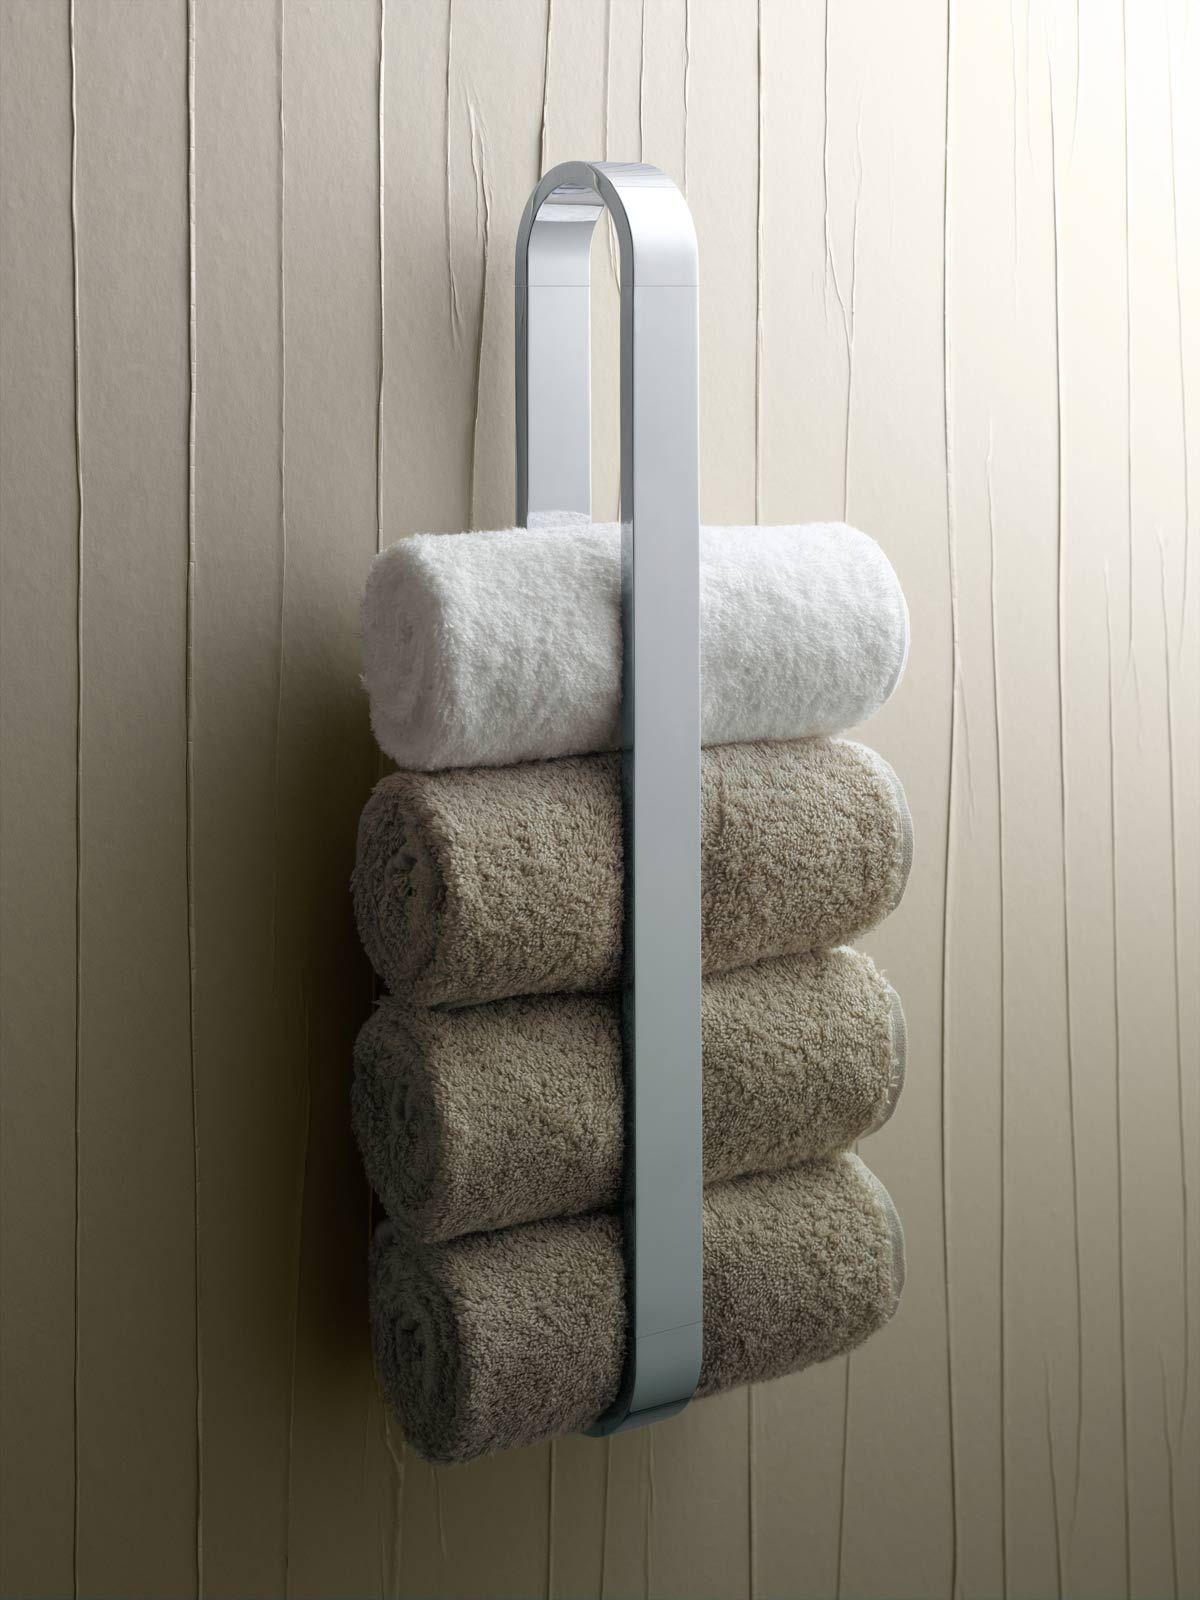 Bathroom Towel Racks With 4 Towels